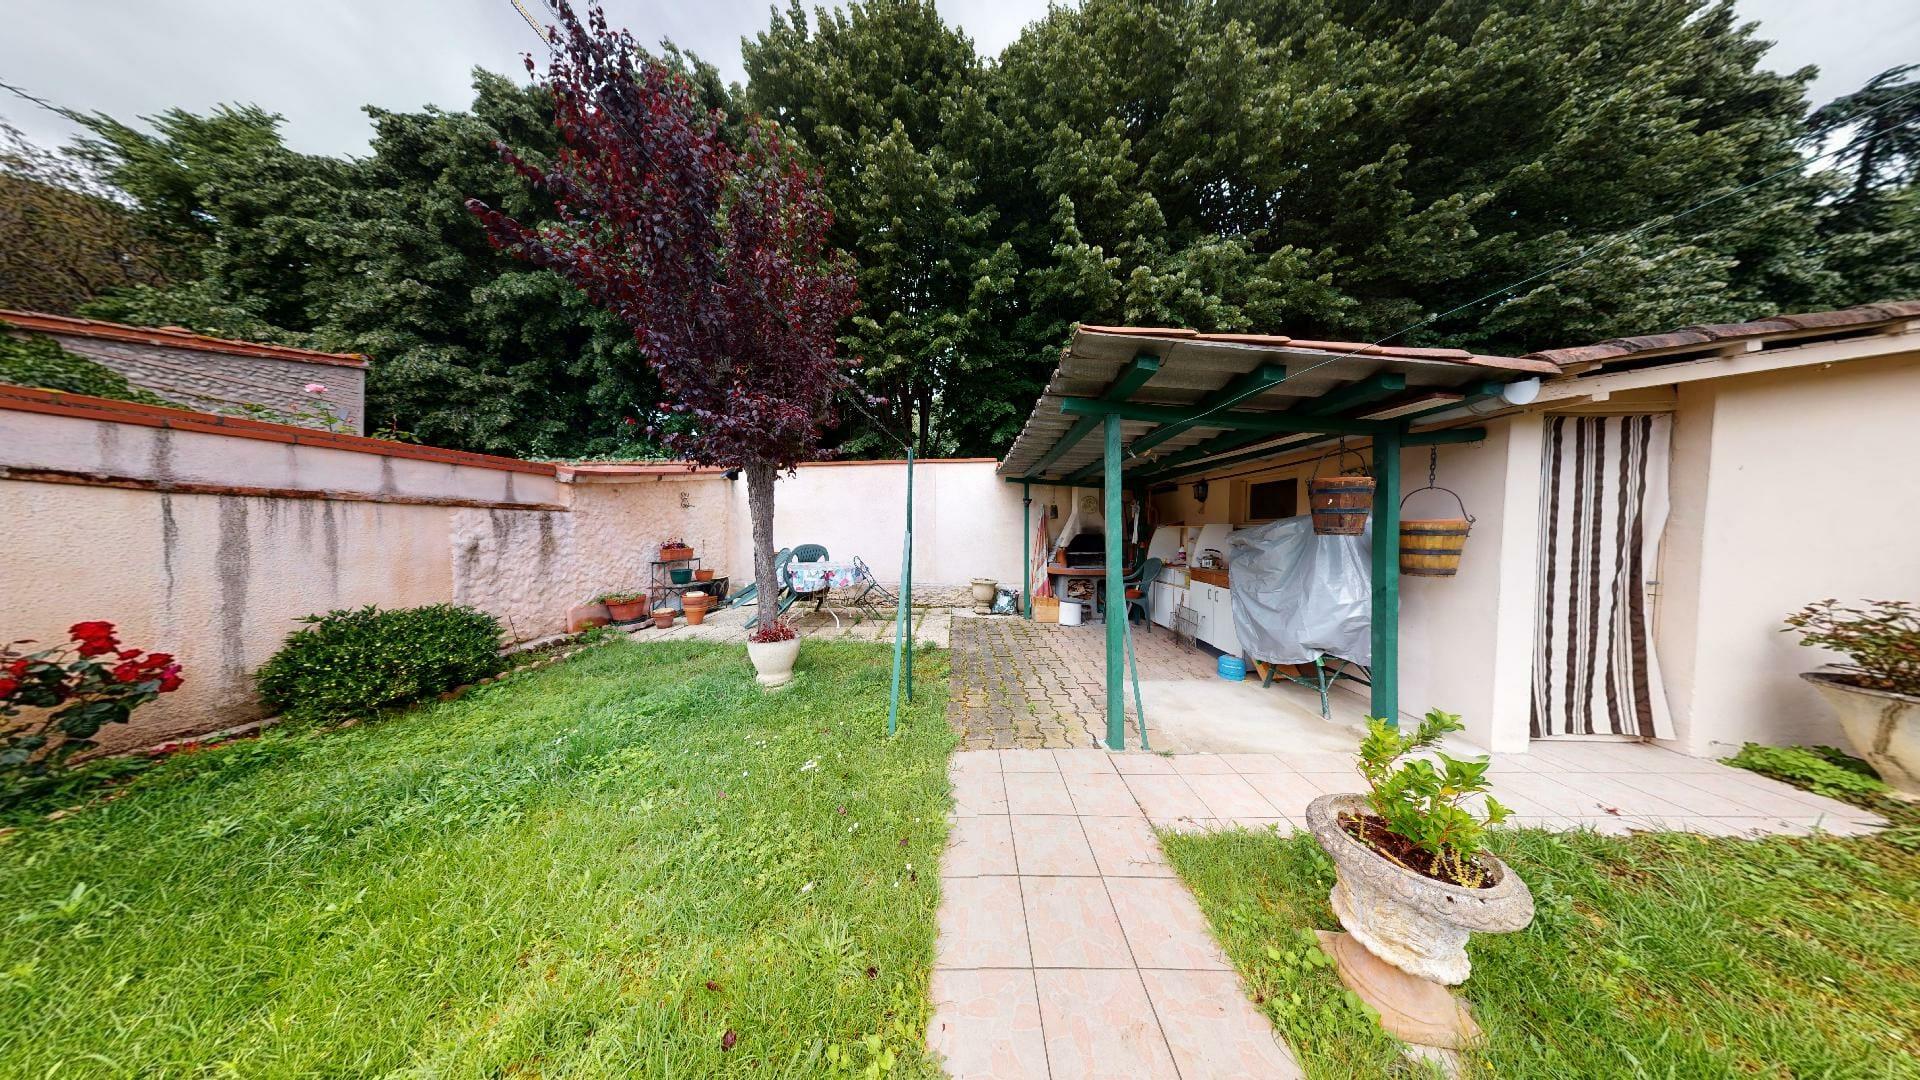 Toulousaine-Fiere-de-le-rester-urbanhouse360